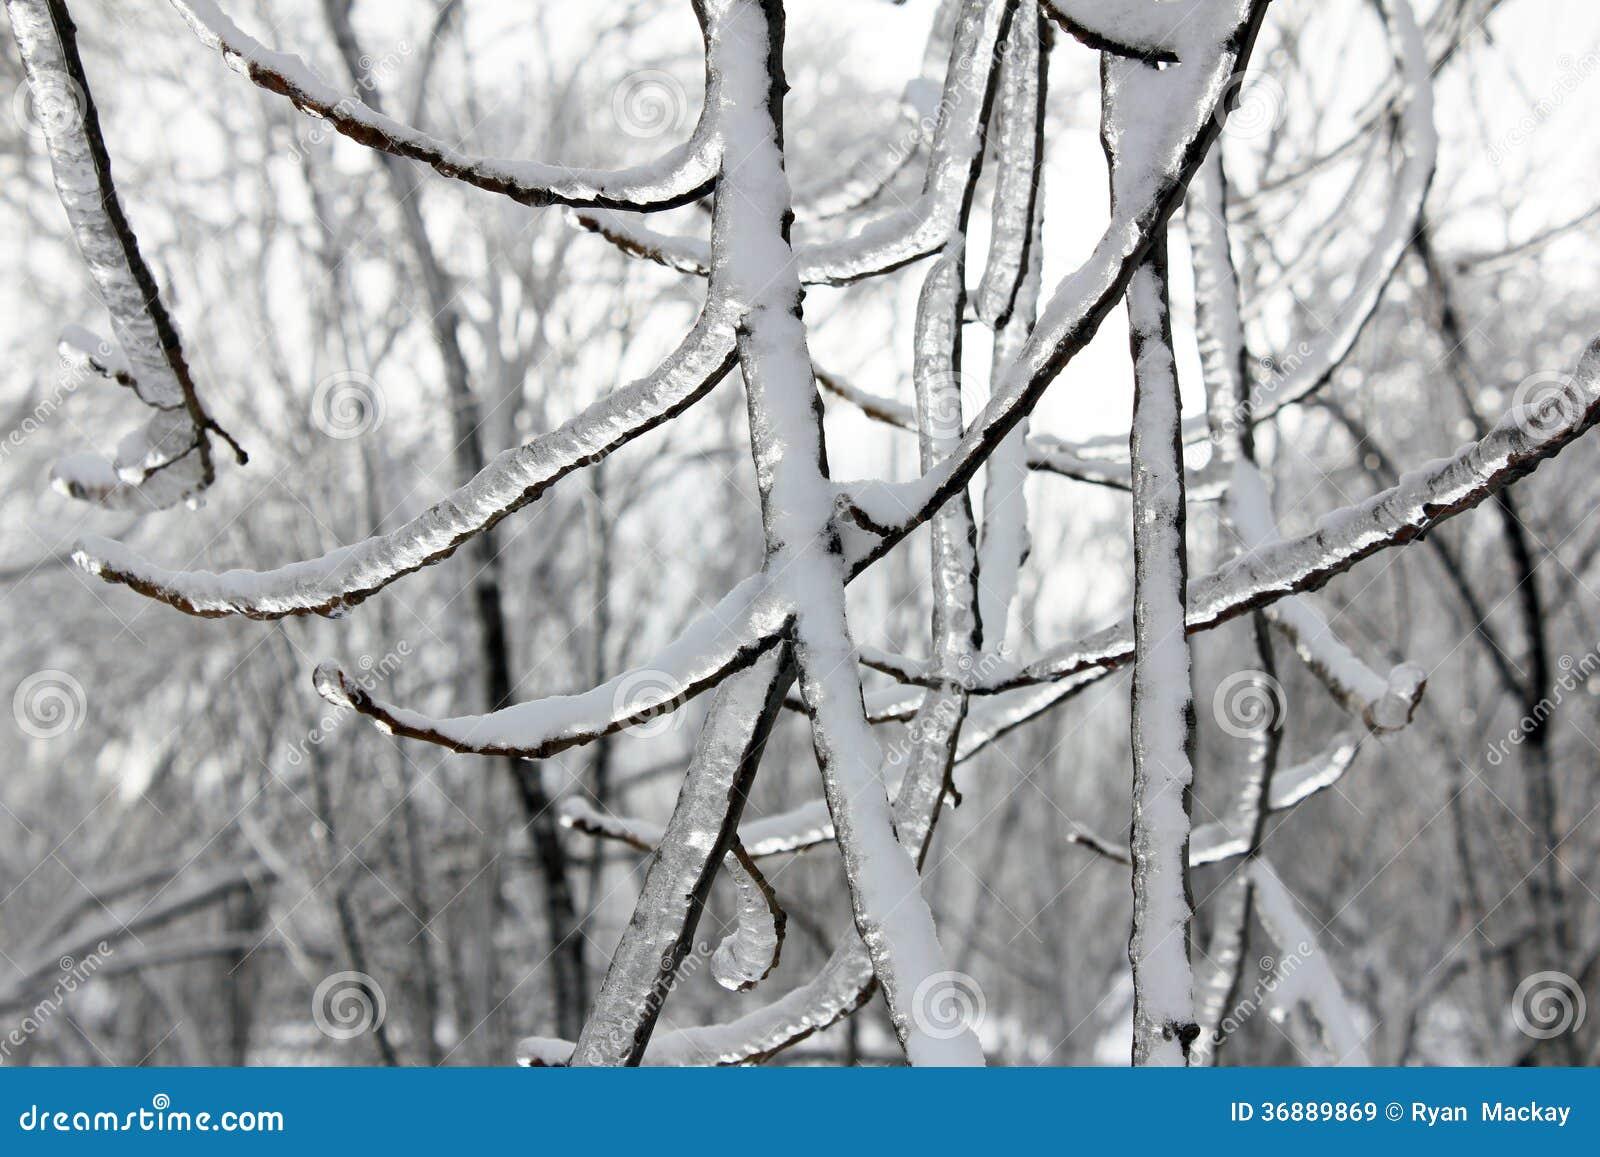 Download Tempesta di ghiaccio immagine stock. Immagine di coperto - 36889869